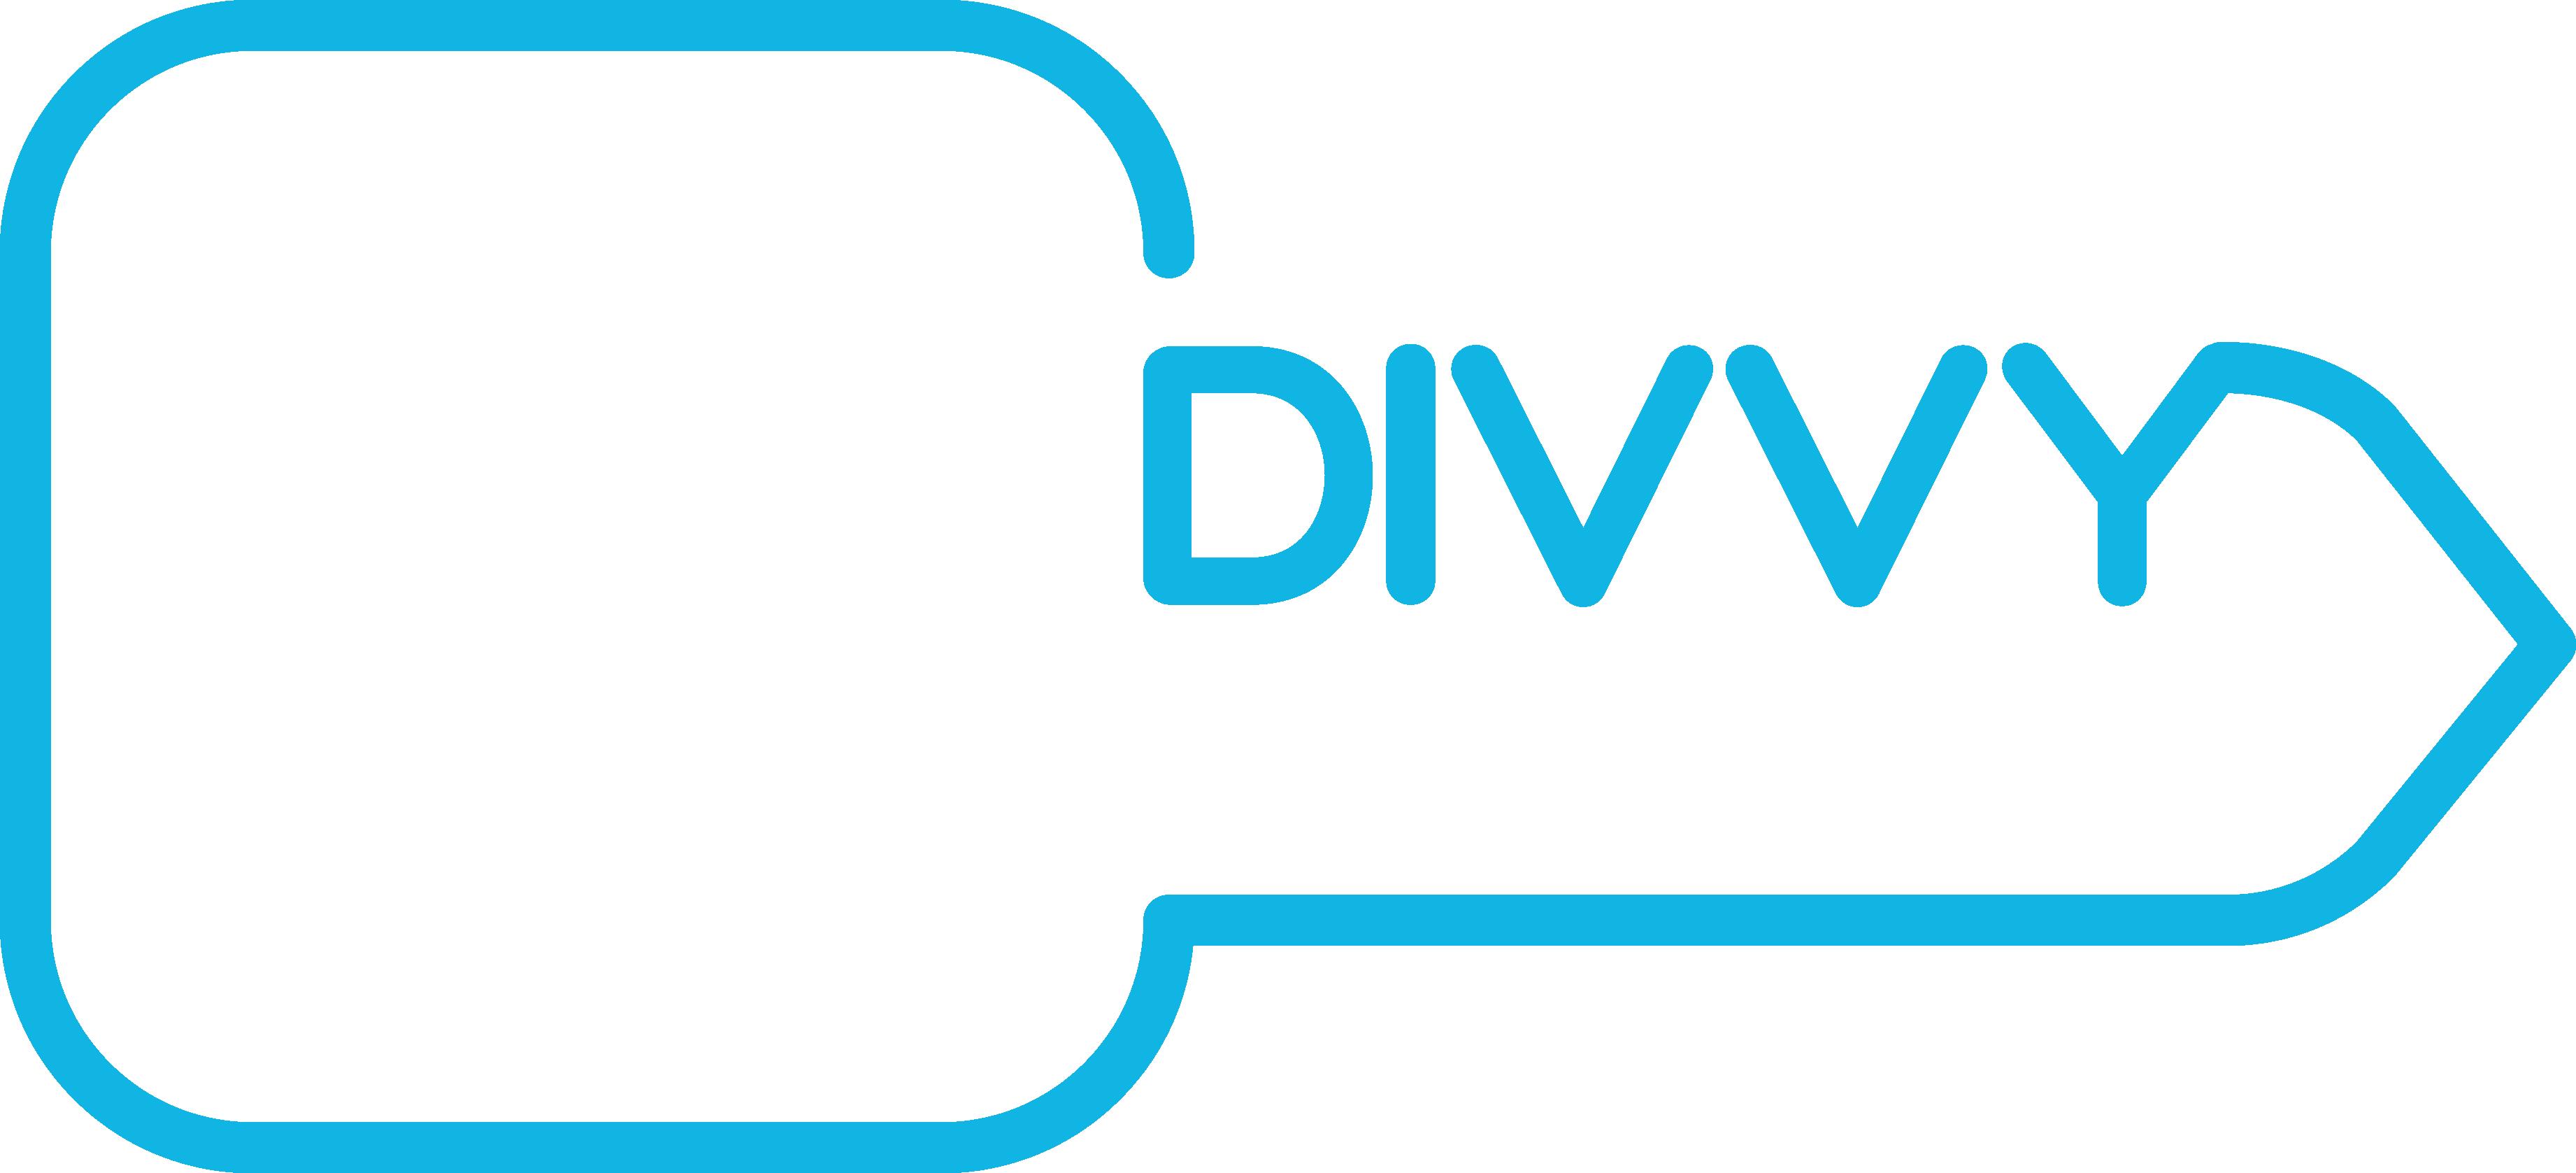 DIVVYParking